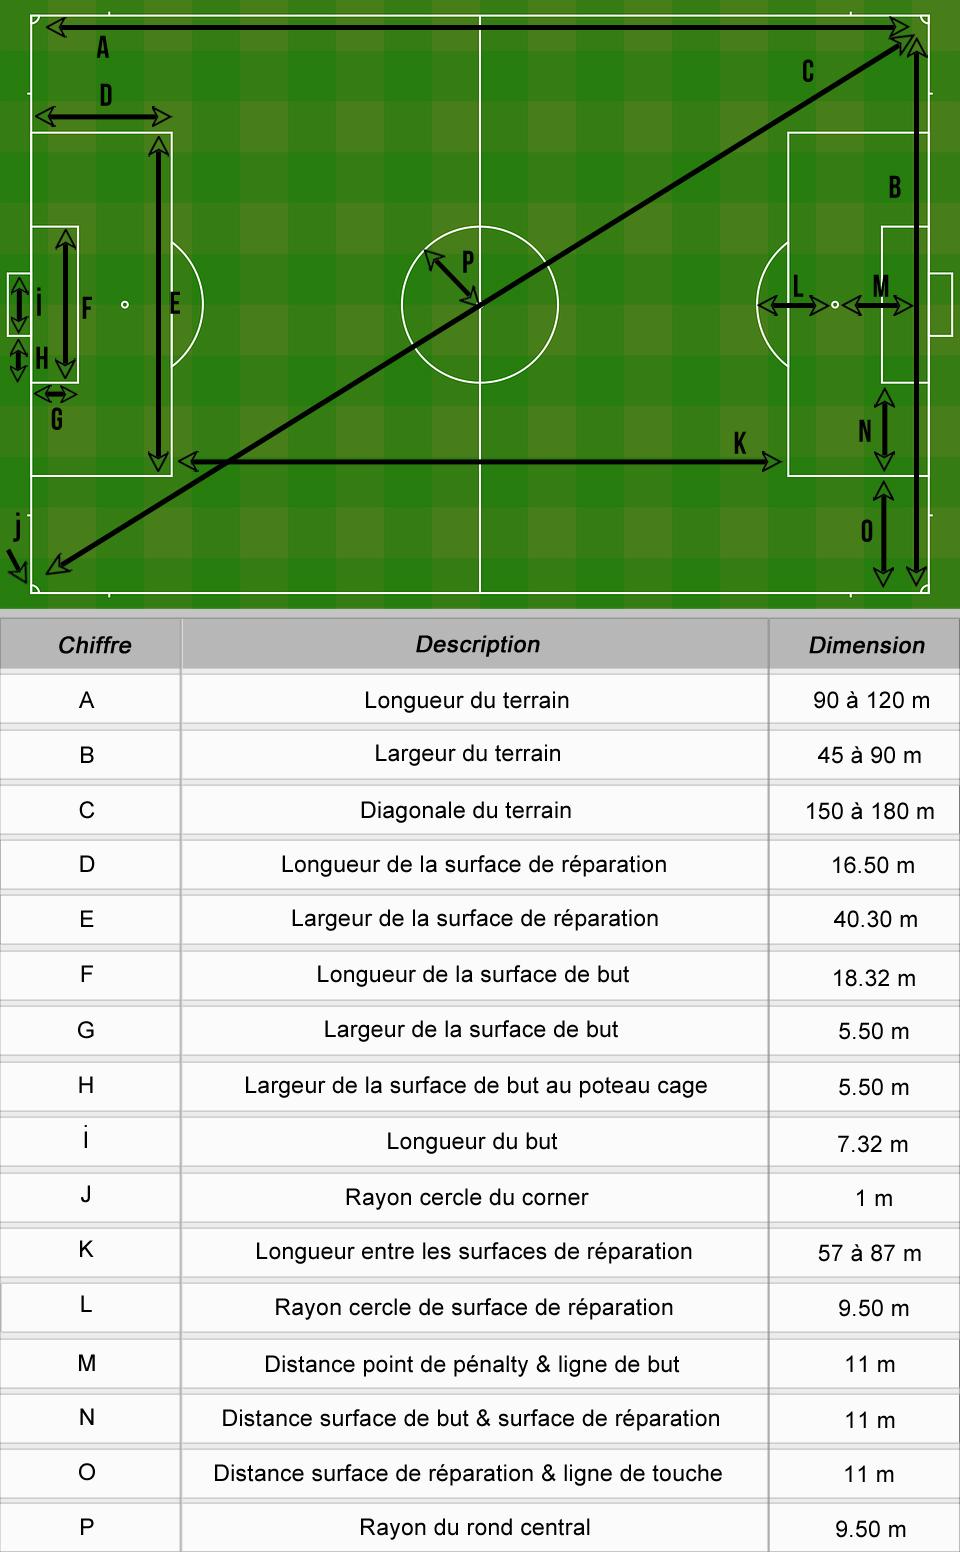 Dimension et taille d'un terrain de foot